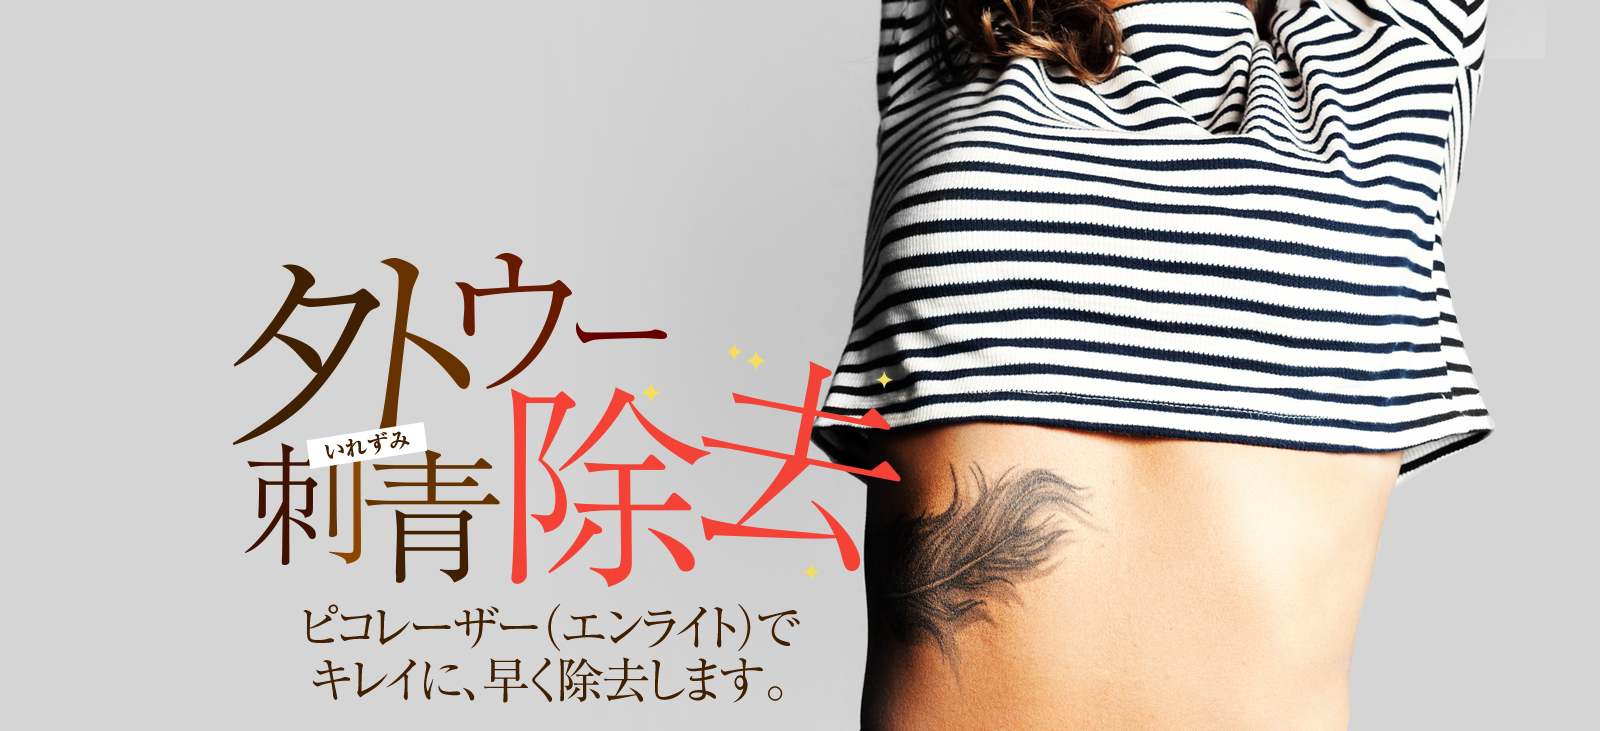 タトゥー刺青除去